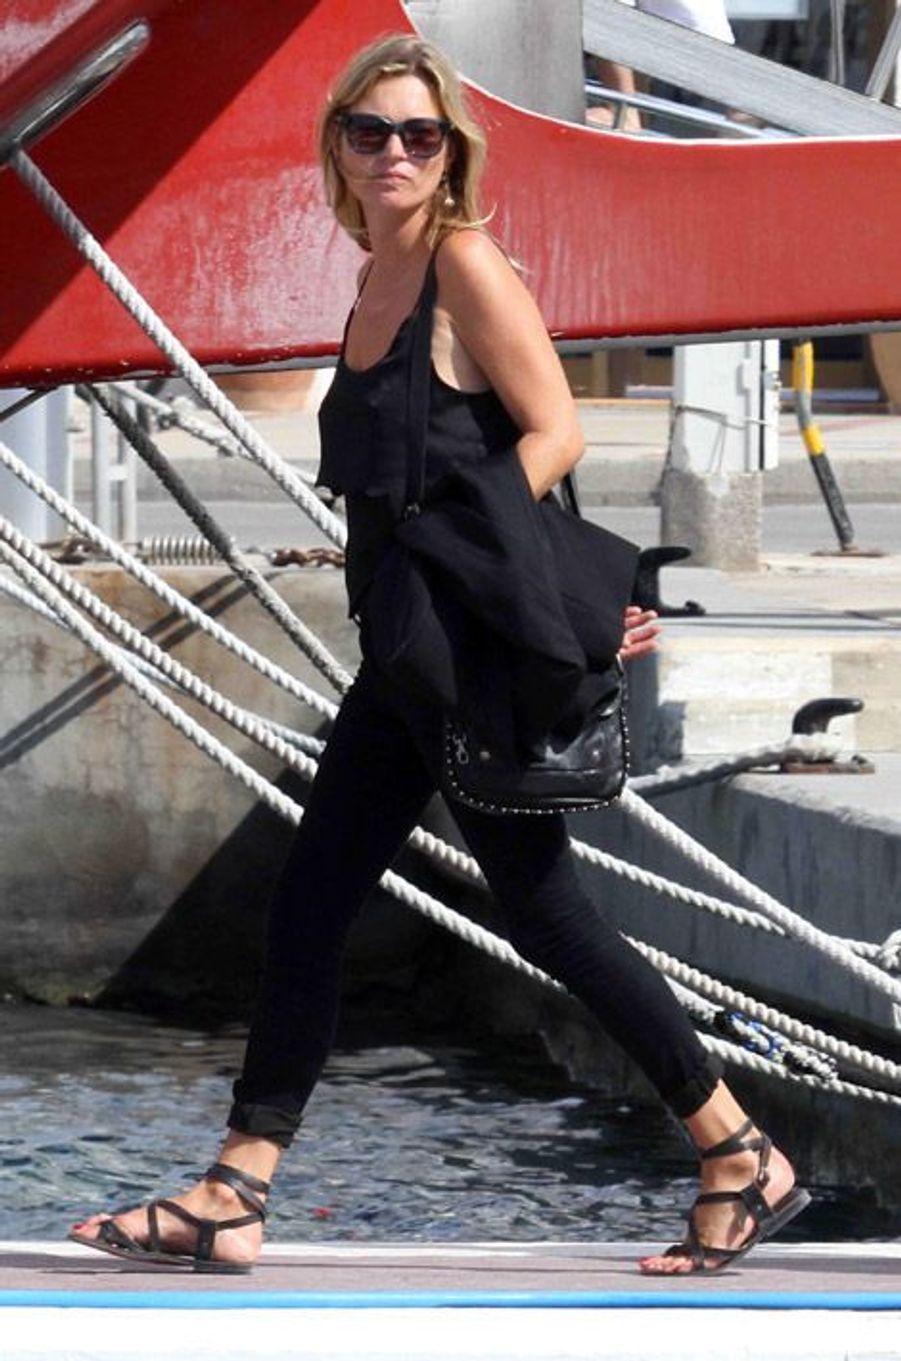 Le top Kate Moss en vacances à Formentera, en Espagne, le 29 août 2014